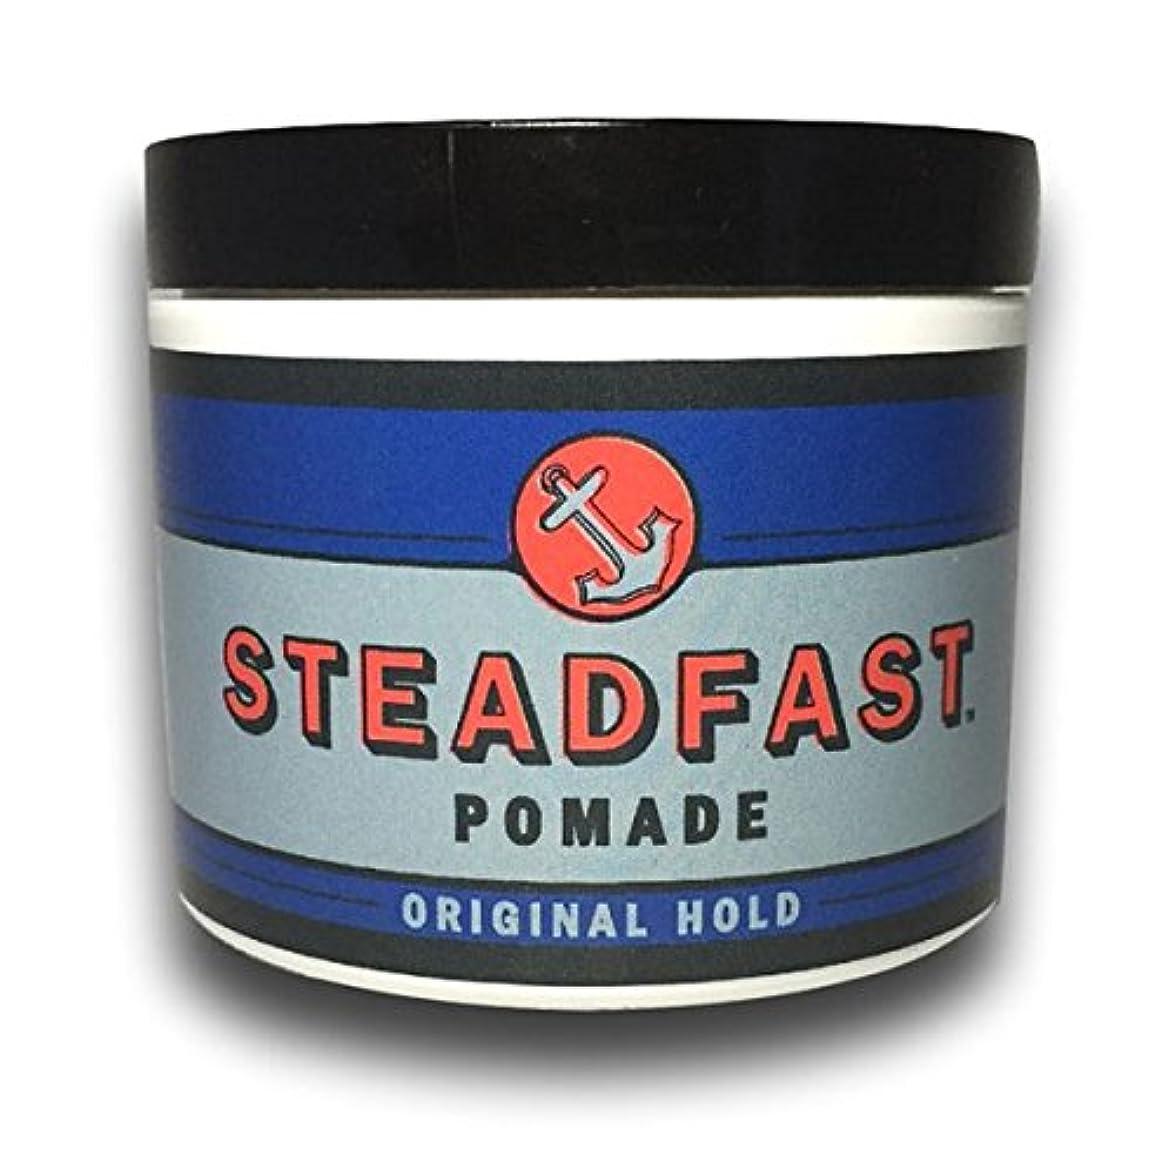 アイロニージェーンオースティンまた明日ね【Steadfast Pomade】 ステッドファスト ポマード 【Original Hold】 水性ポマード オリジナルホールド 4oz(113.39g) MADE IN U.S.A